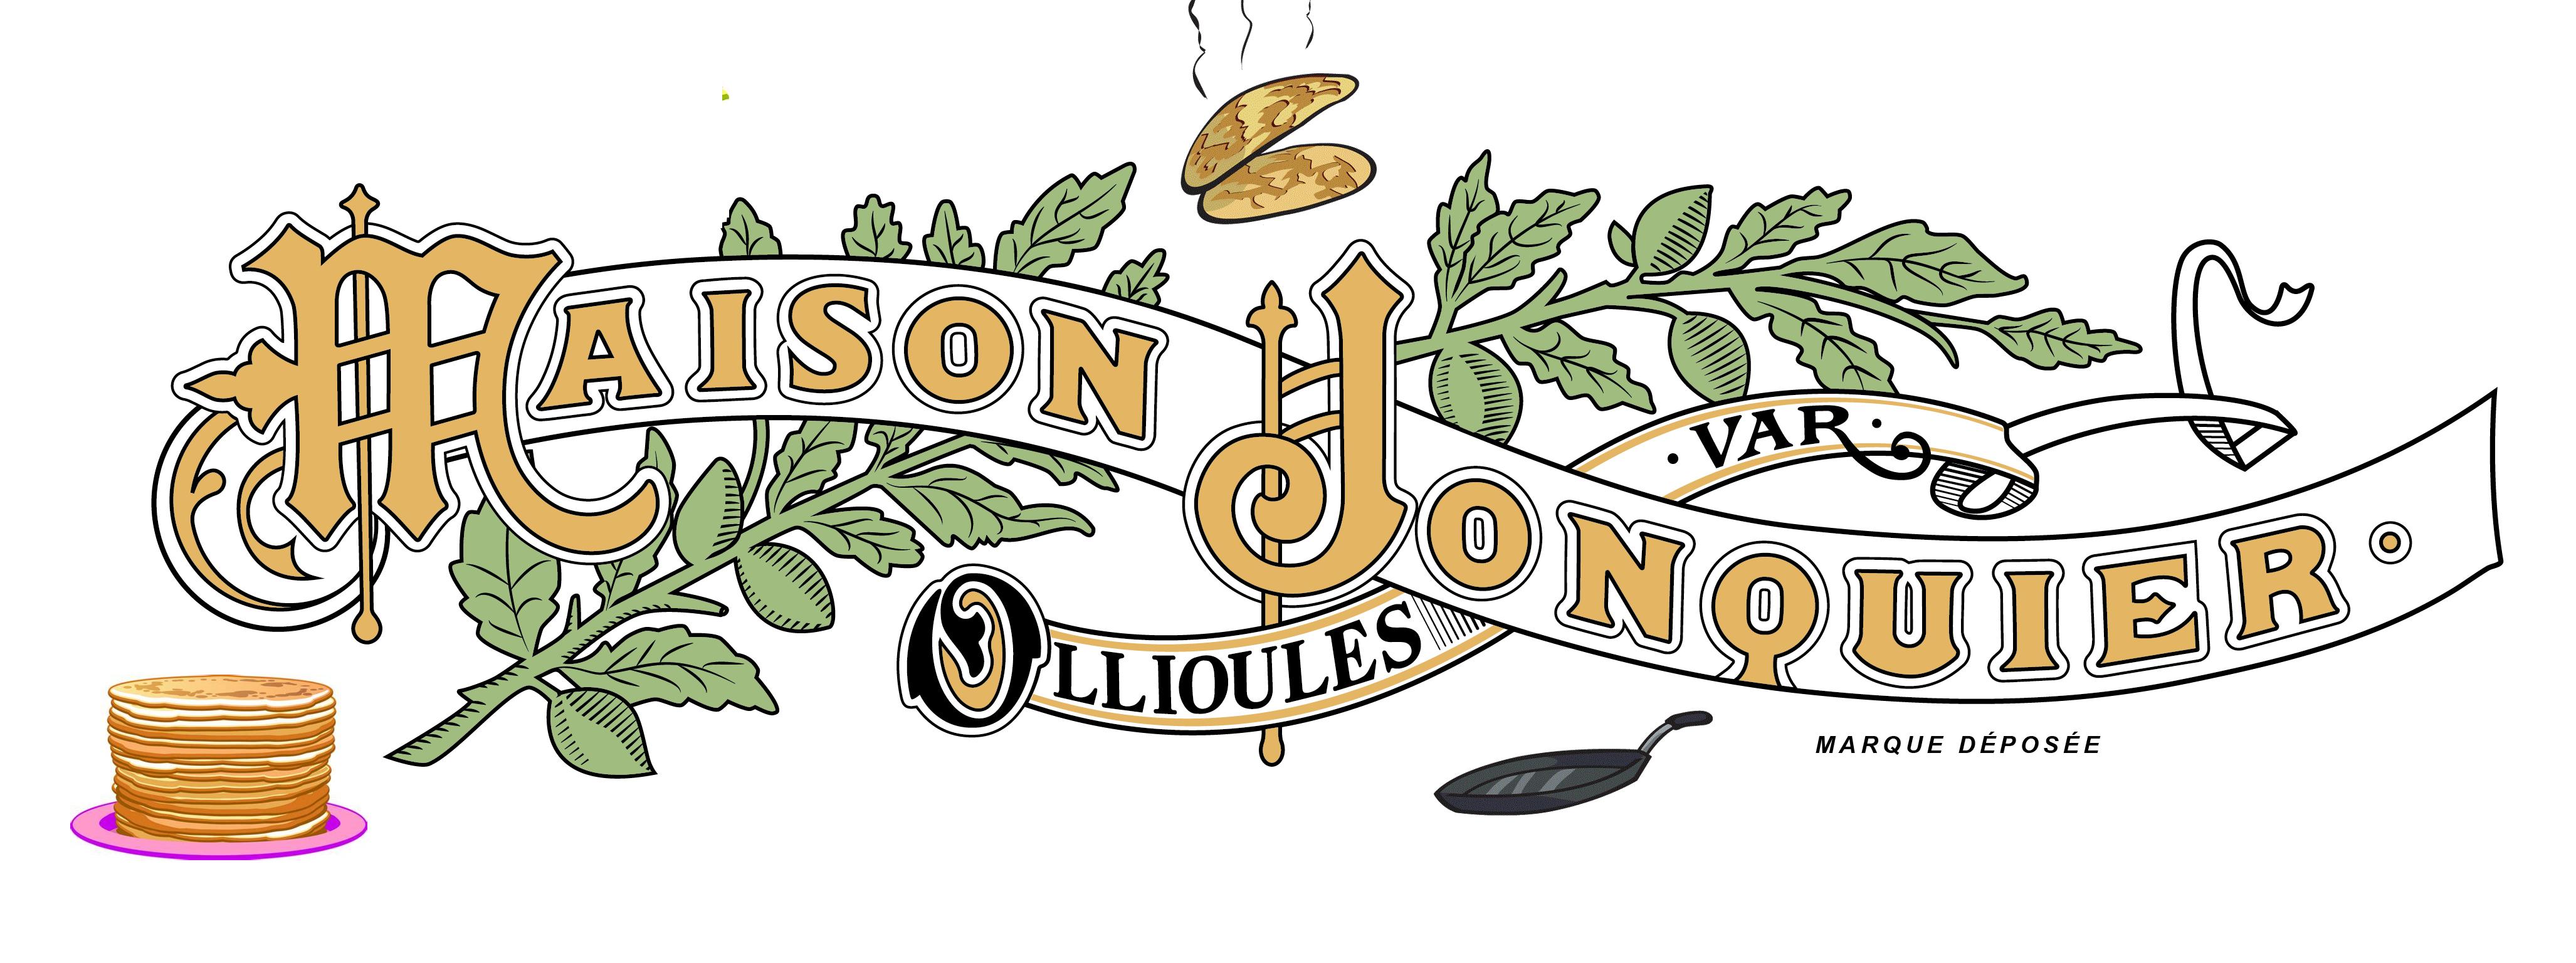 Boutique Maison Jonquier – Une Confiserie familiale (Nougat, Chocolat, Calissons et autres Douceurs)